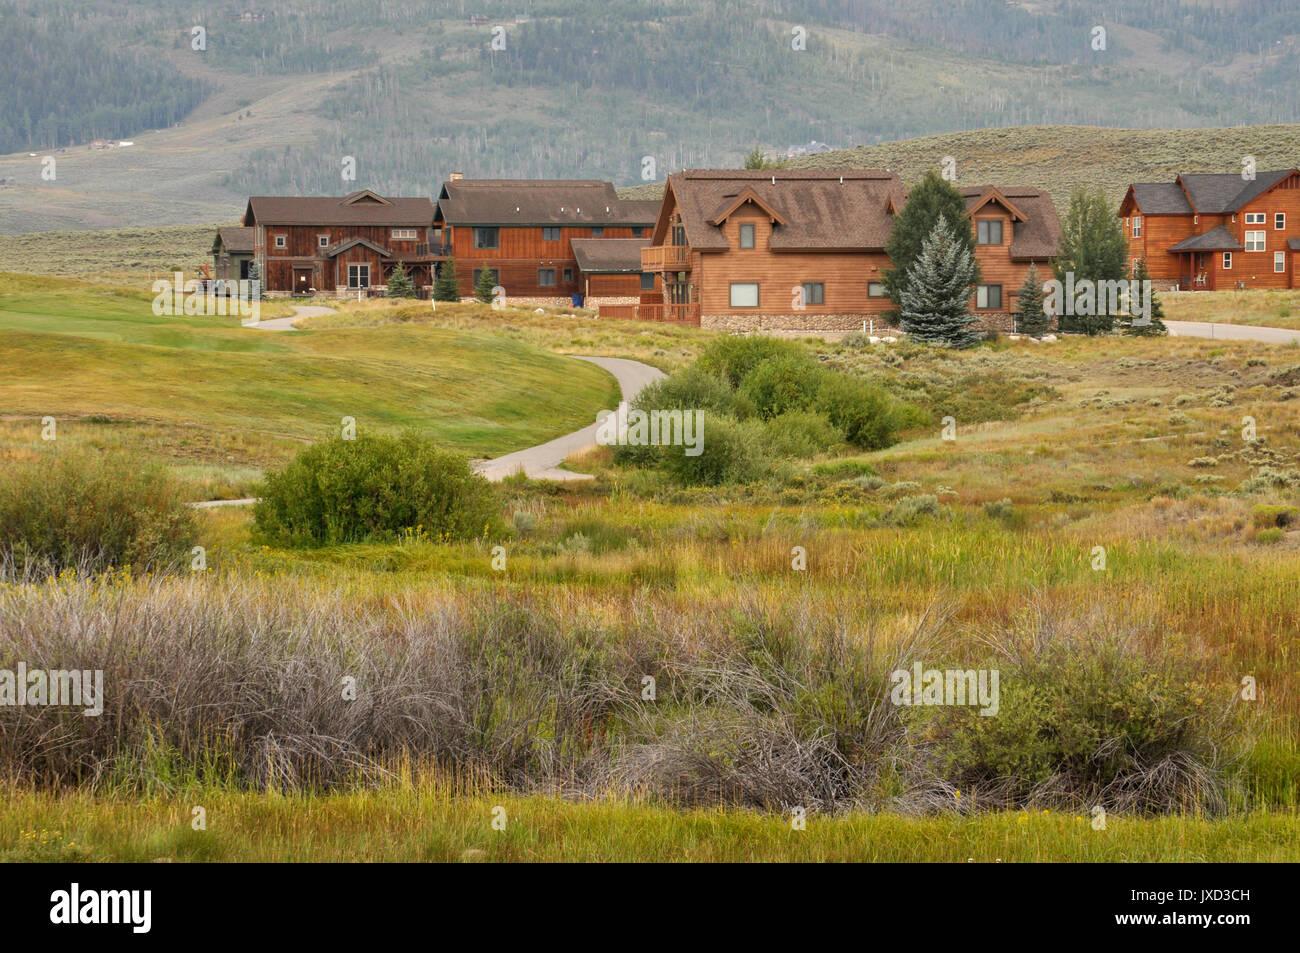 Frisco, CO - August 12: Typische Holz Häuser in ländlichen Colorado in den Rocky Mountains zu bewahren. Die Wohnungen sind in der Nähe von einem Golfplatz. Stockbild